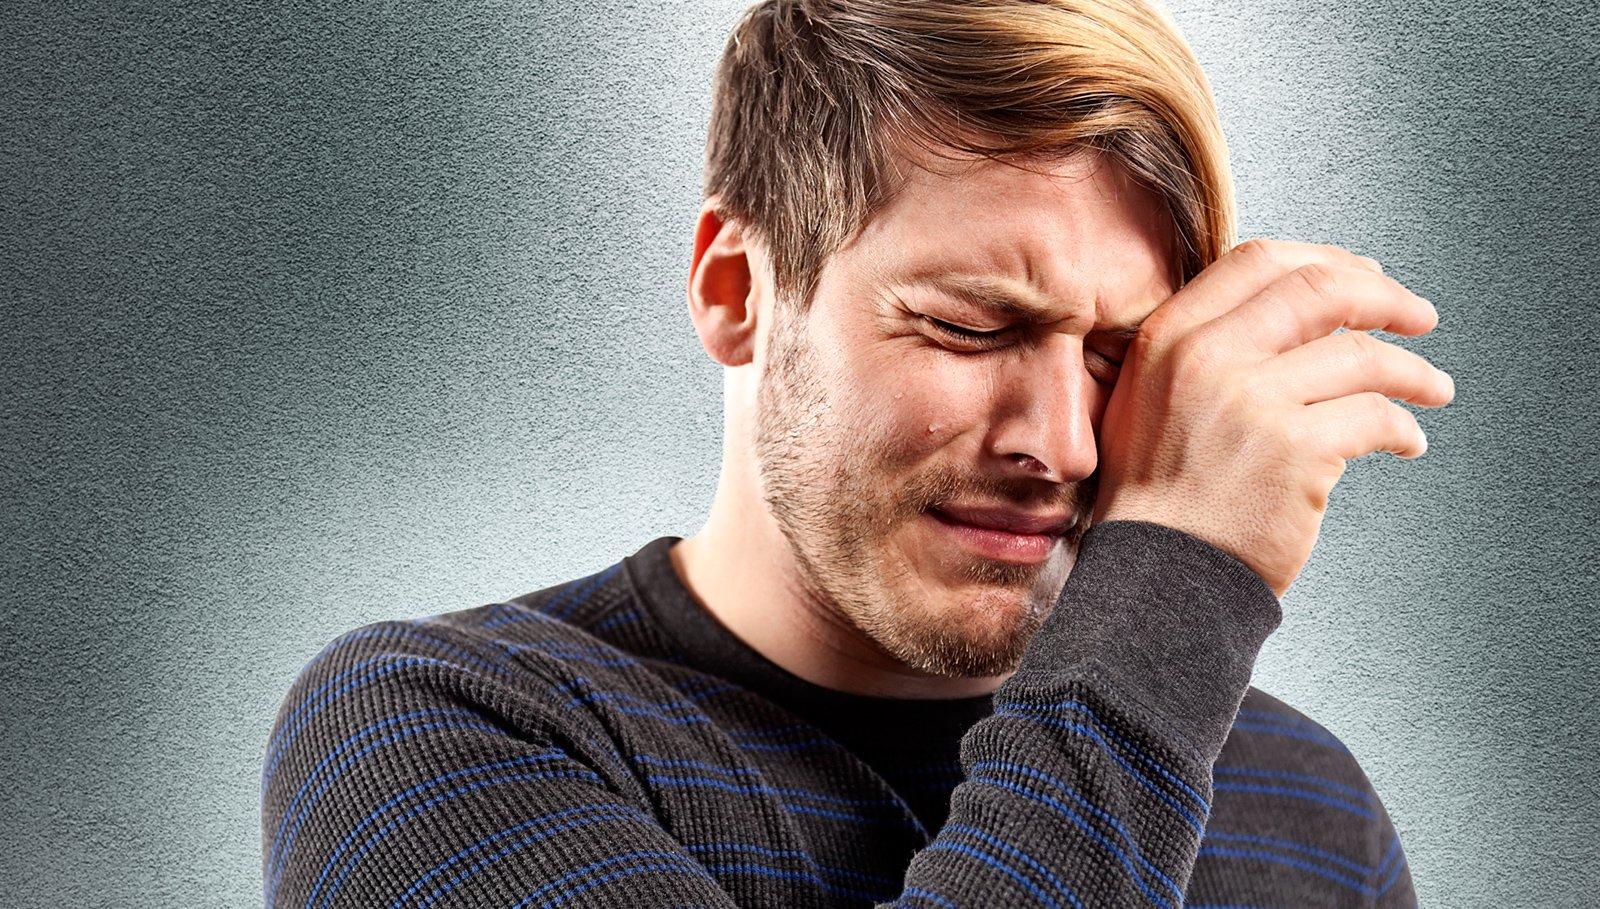 5  مشکلی که با گریه کردن حل می شود